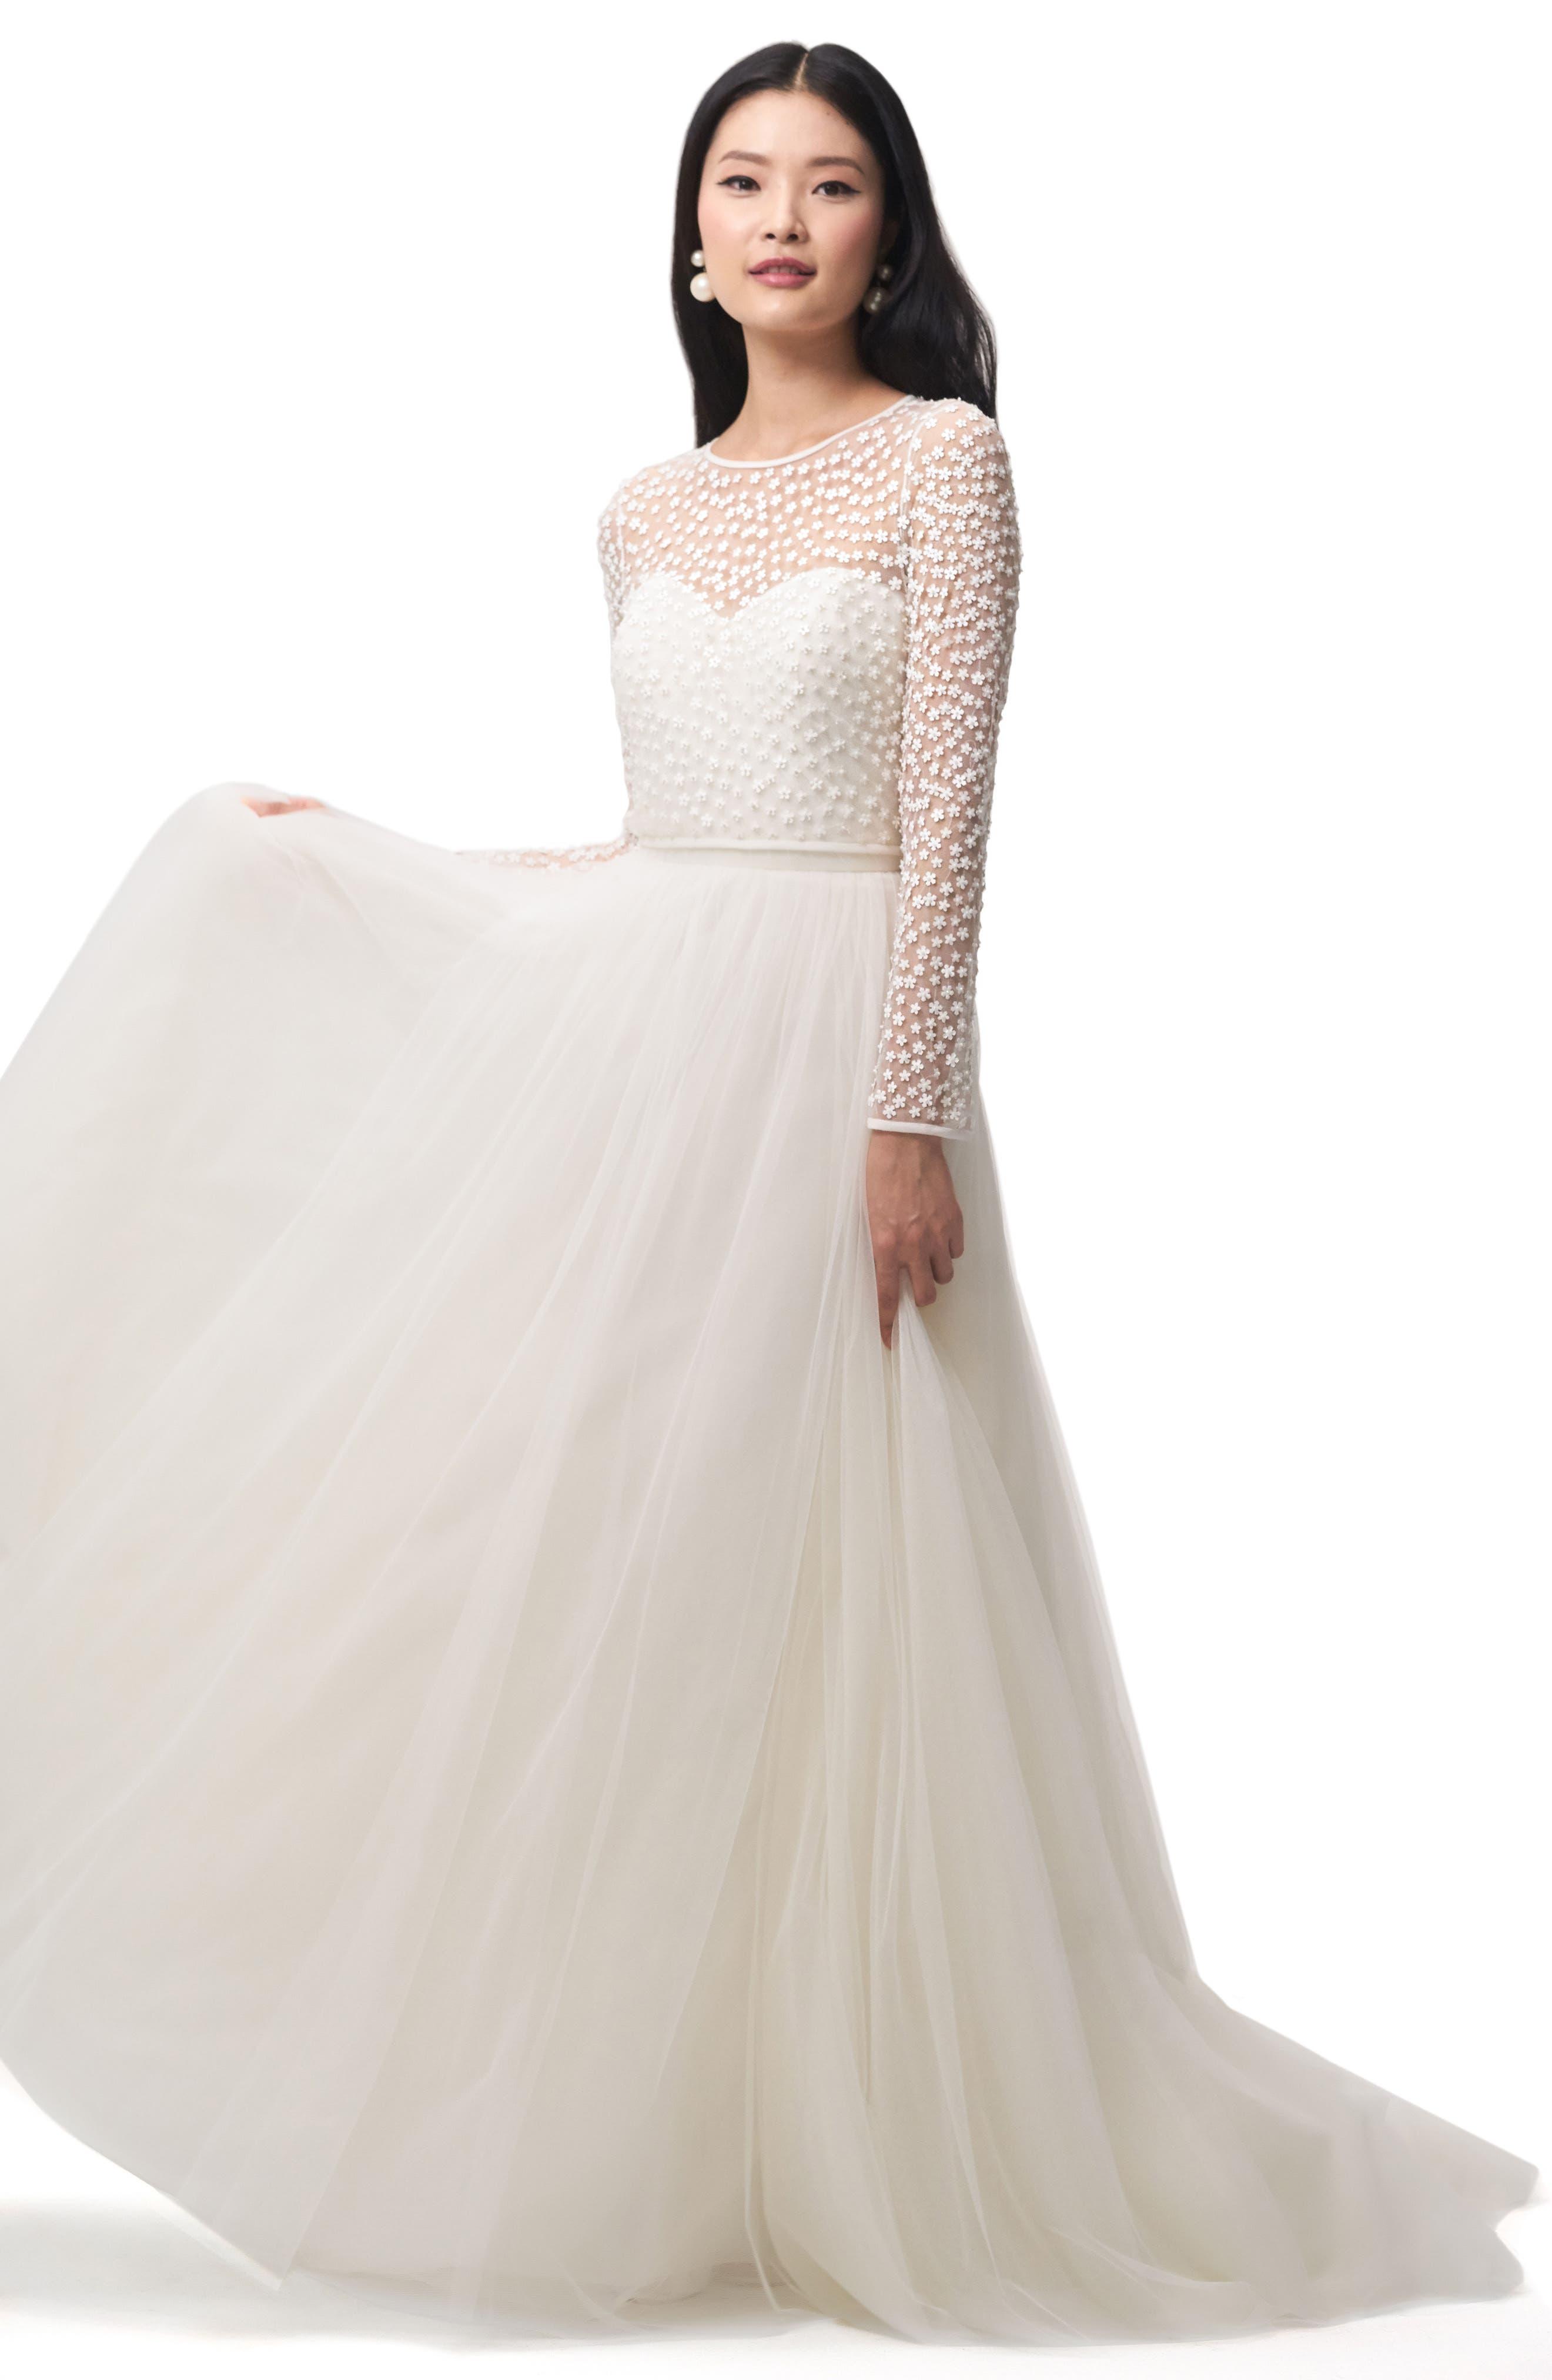 Vintage Inspired Wedding Dress | Vintage Style Wedding Dresses Womens Jenny Yoo Gigi Embellished Tulle Top $109.98 AT vintagedancer.com